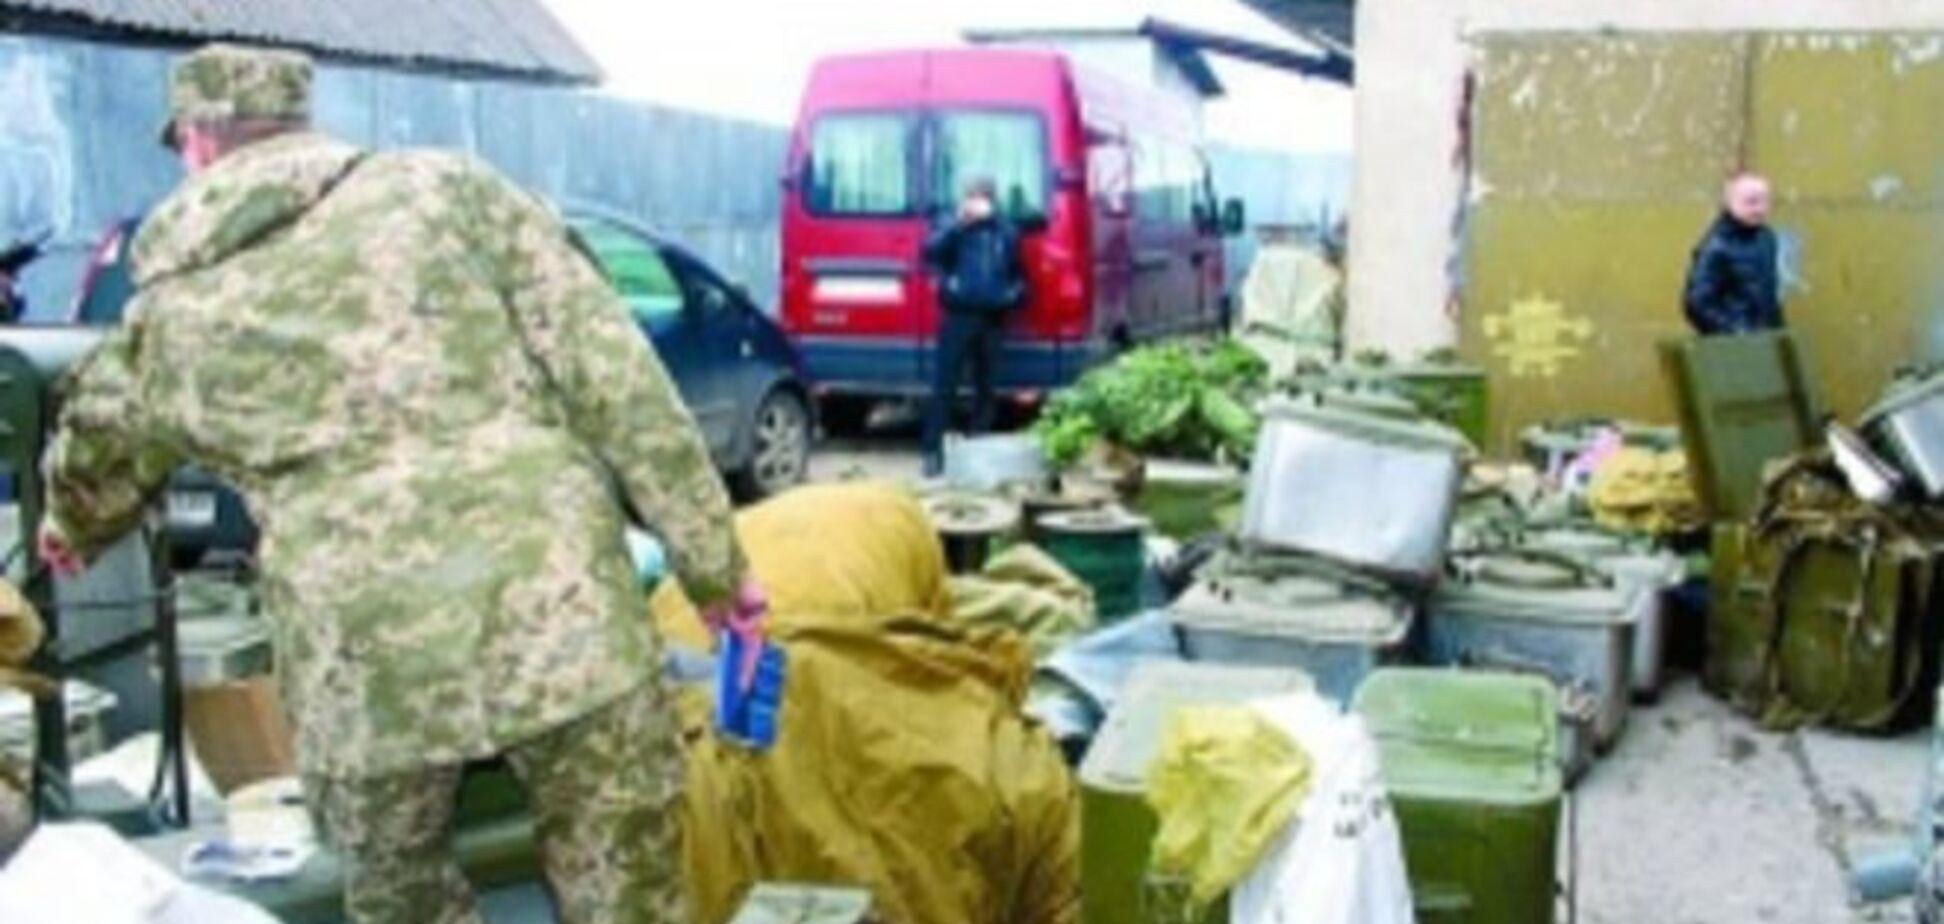 'Все в дом': начальник вещной службы 'насобирал' три грузовика с военным имуществом